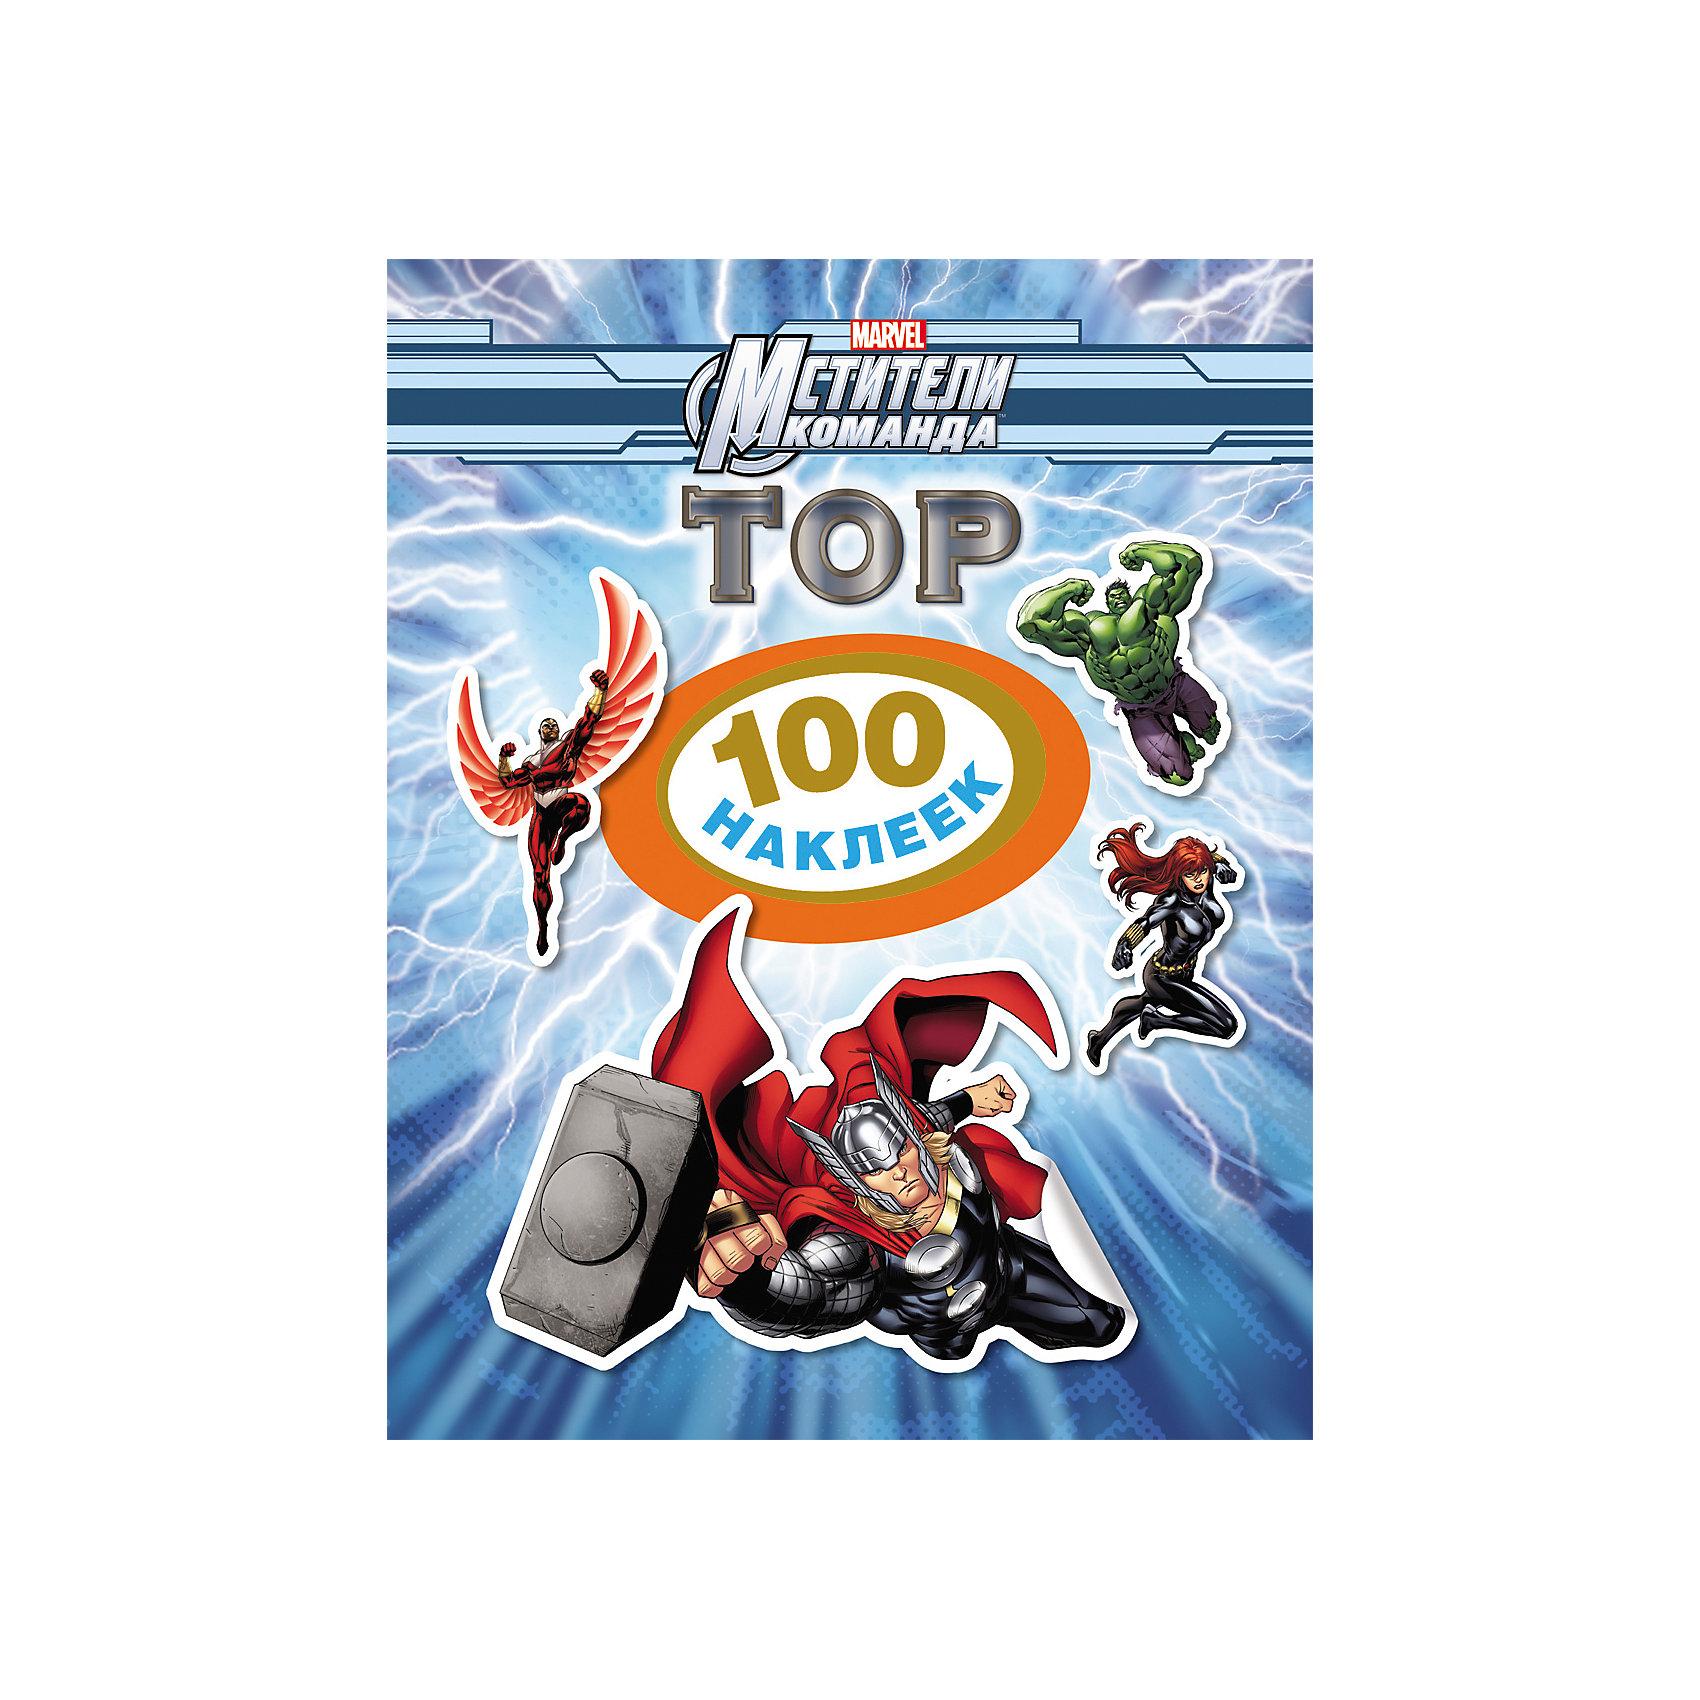 100 наклеек Тор, МстителиТворчество для малышей<br>Альбом 100 наклеек Тор, Мстители, станет приятным сюрпризом для Вашего ребенка, особенно если он является поклонником популярных супергероев из фильмов и комиксов Мстители (The Avengers). В альбоме содержится 100 тематических наклеек с красочными изображениями любимых персонажей, их оружия и атрибутов. Наклейки прекрасно подойдут для украшения рисунков, тетрадей, различных предметов и игрушек.<br><br>Дополнительная информация:<br><br>- Обложка: мягкая.<br>- Иллюстрации: цветные.<br>- Объем: 8 стр.<br>- Размер: 20 х 15 х 0,3 см.<br>- Вес: 30 гр.<br><br>100 наклеек Тор, Мстители, Росмэн, можно купить в нашем интернет-магазине.<br><br>Ширина мм: 200<br>Глубина мм: 150<br>Высота мм: 3<br>Вес г: 30<br>Возраст от месяцев: 36<br>Возраст до месяцев: 96<br>Пол: Мужской<br>Возраст: Детский<br>SKU: 4408698